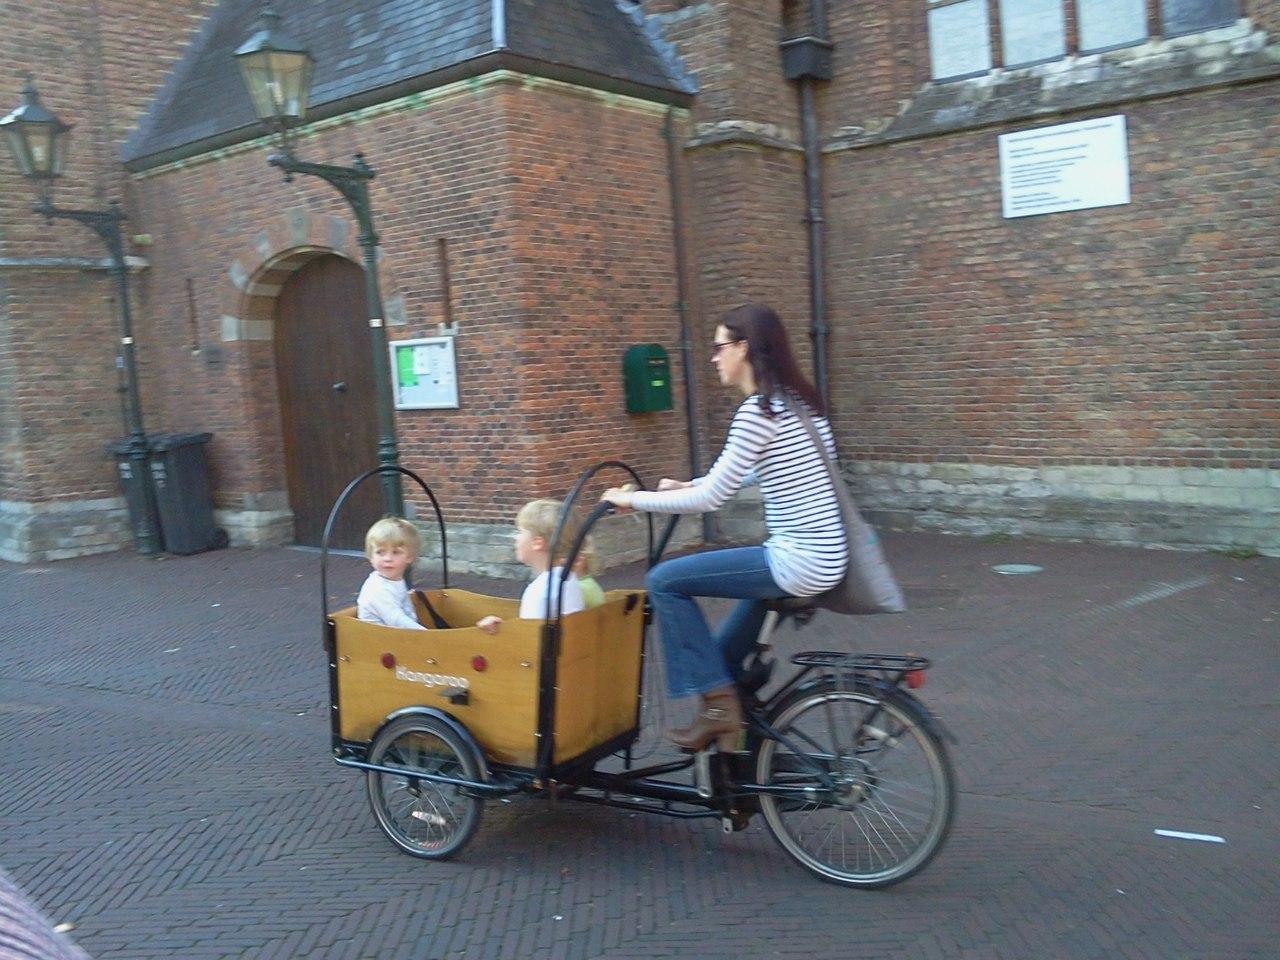 Велосипед с креслом для ребенка спереди фото